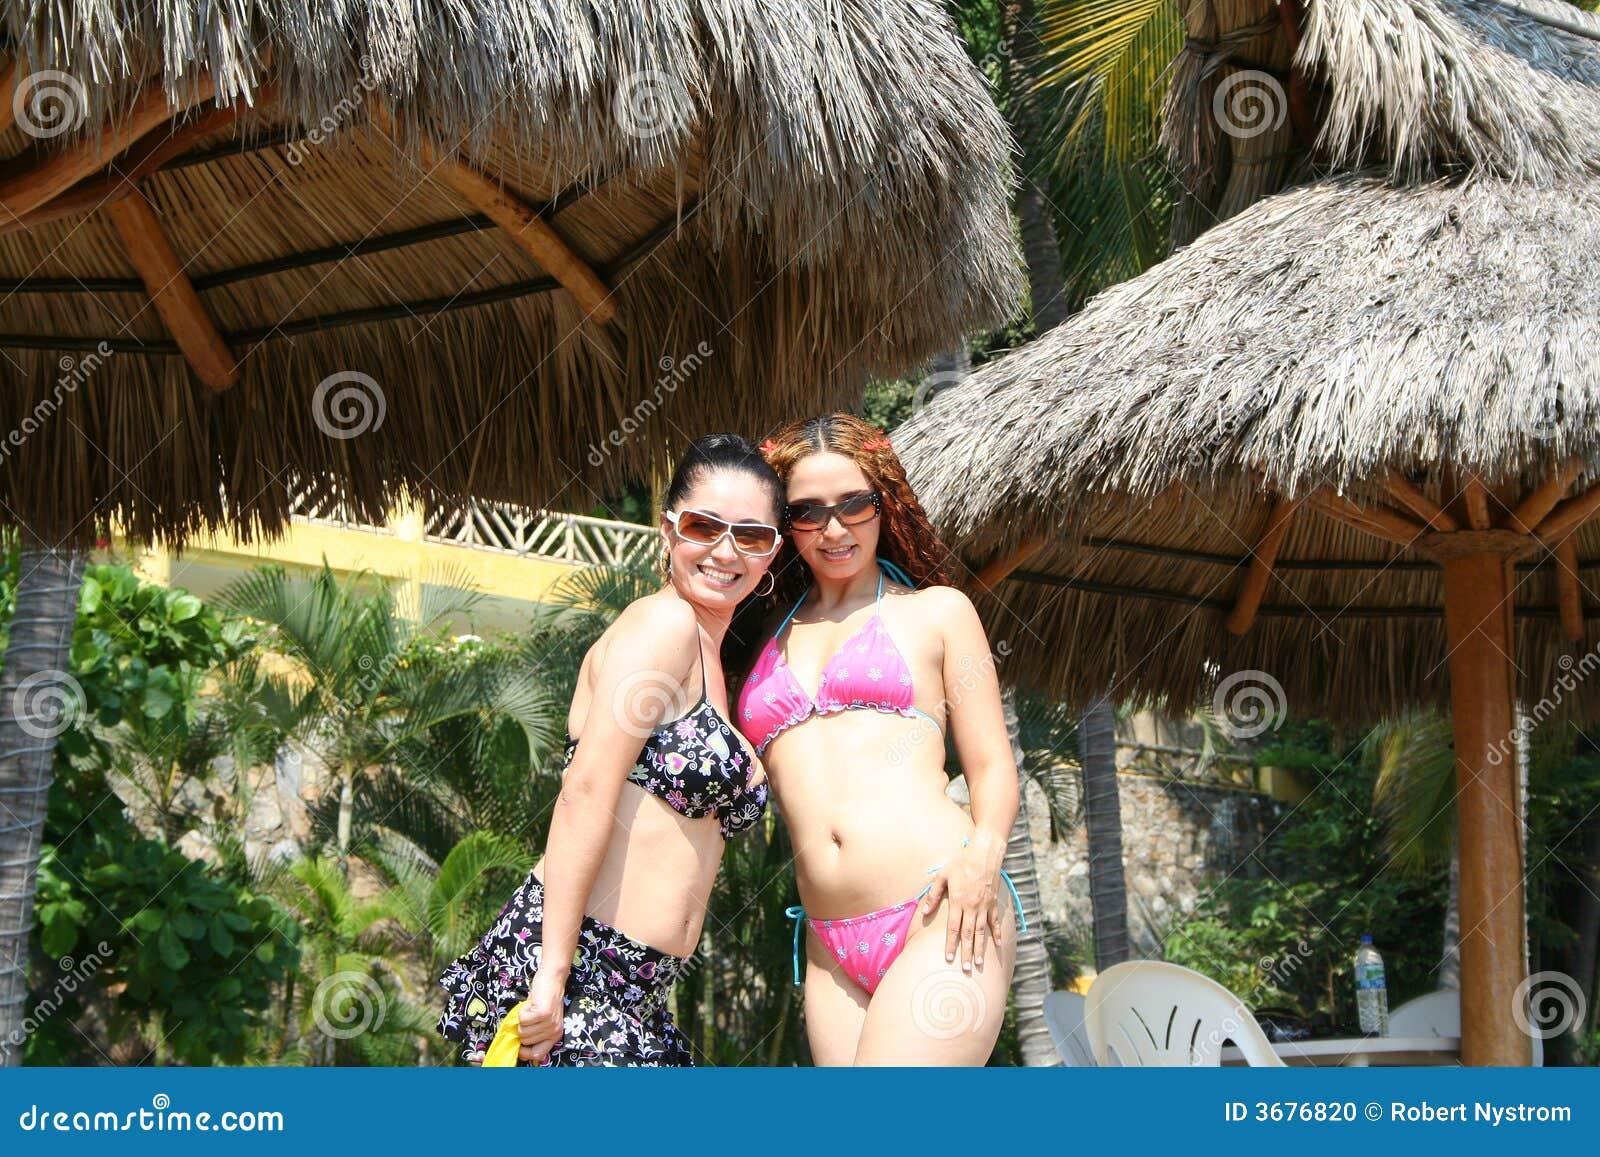 Download Spiaggia 2 fotografia stock. Immagine di seductive, sabbia - 3676820